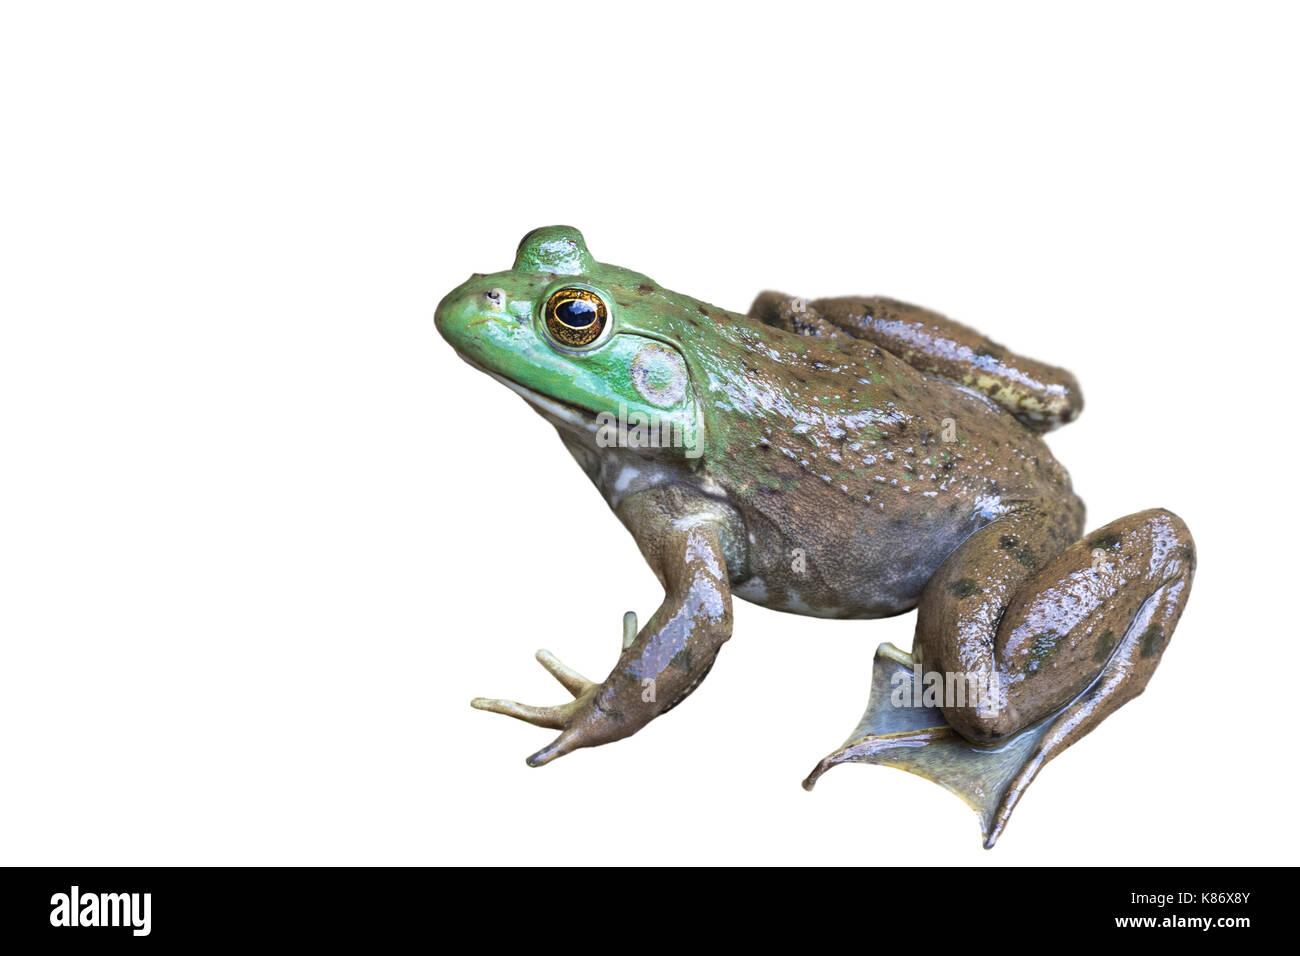 (Lithobates catesbeianus grenouille taureau américain), isolé sur fond blanc Banque D'Images